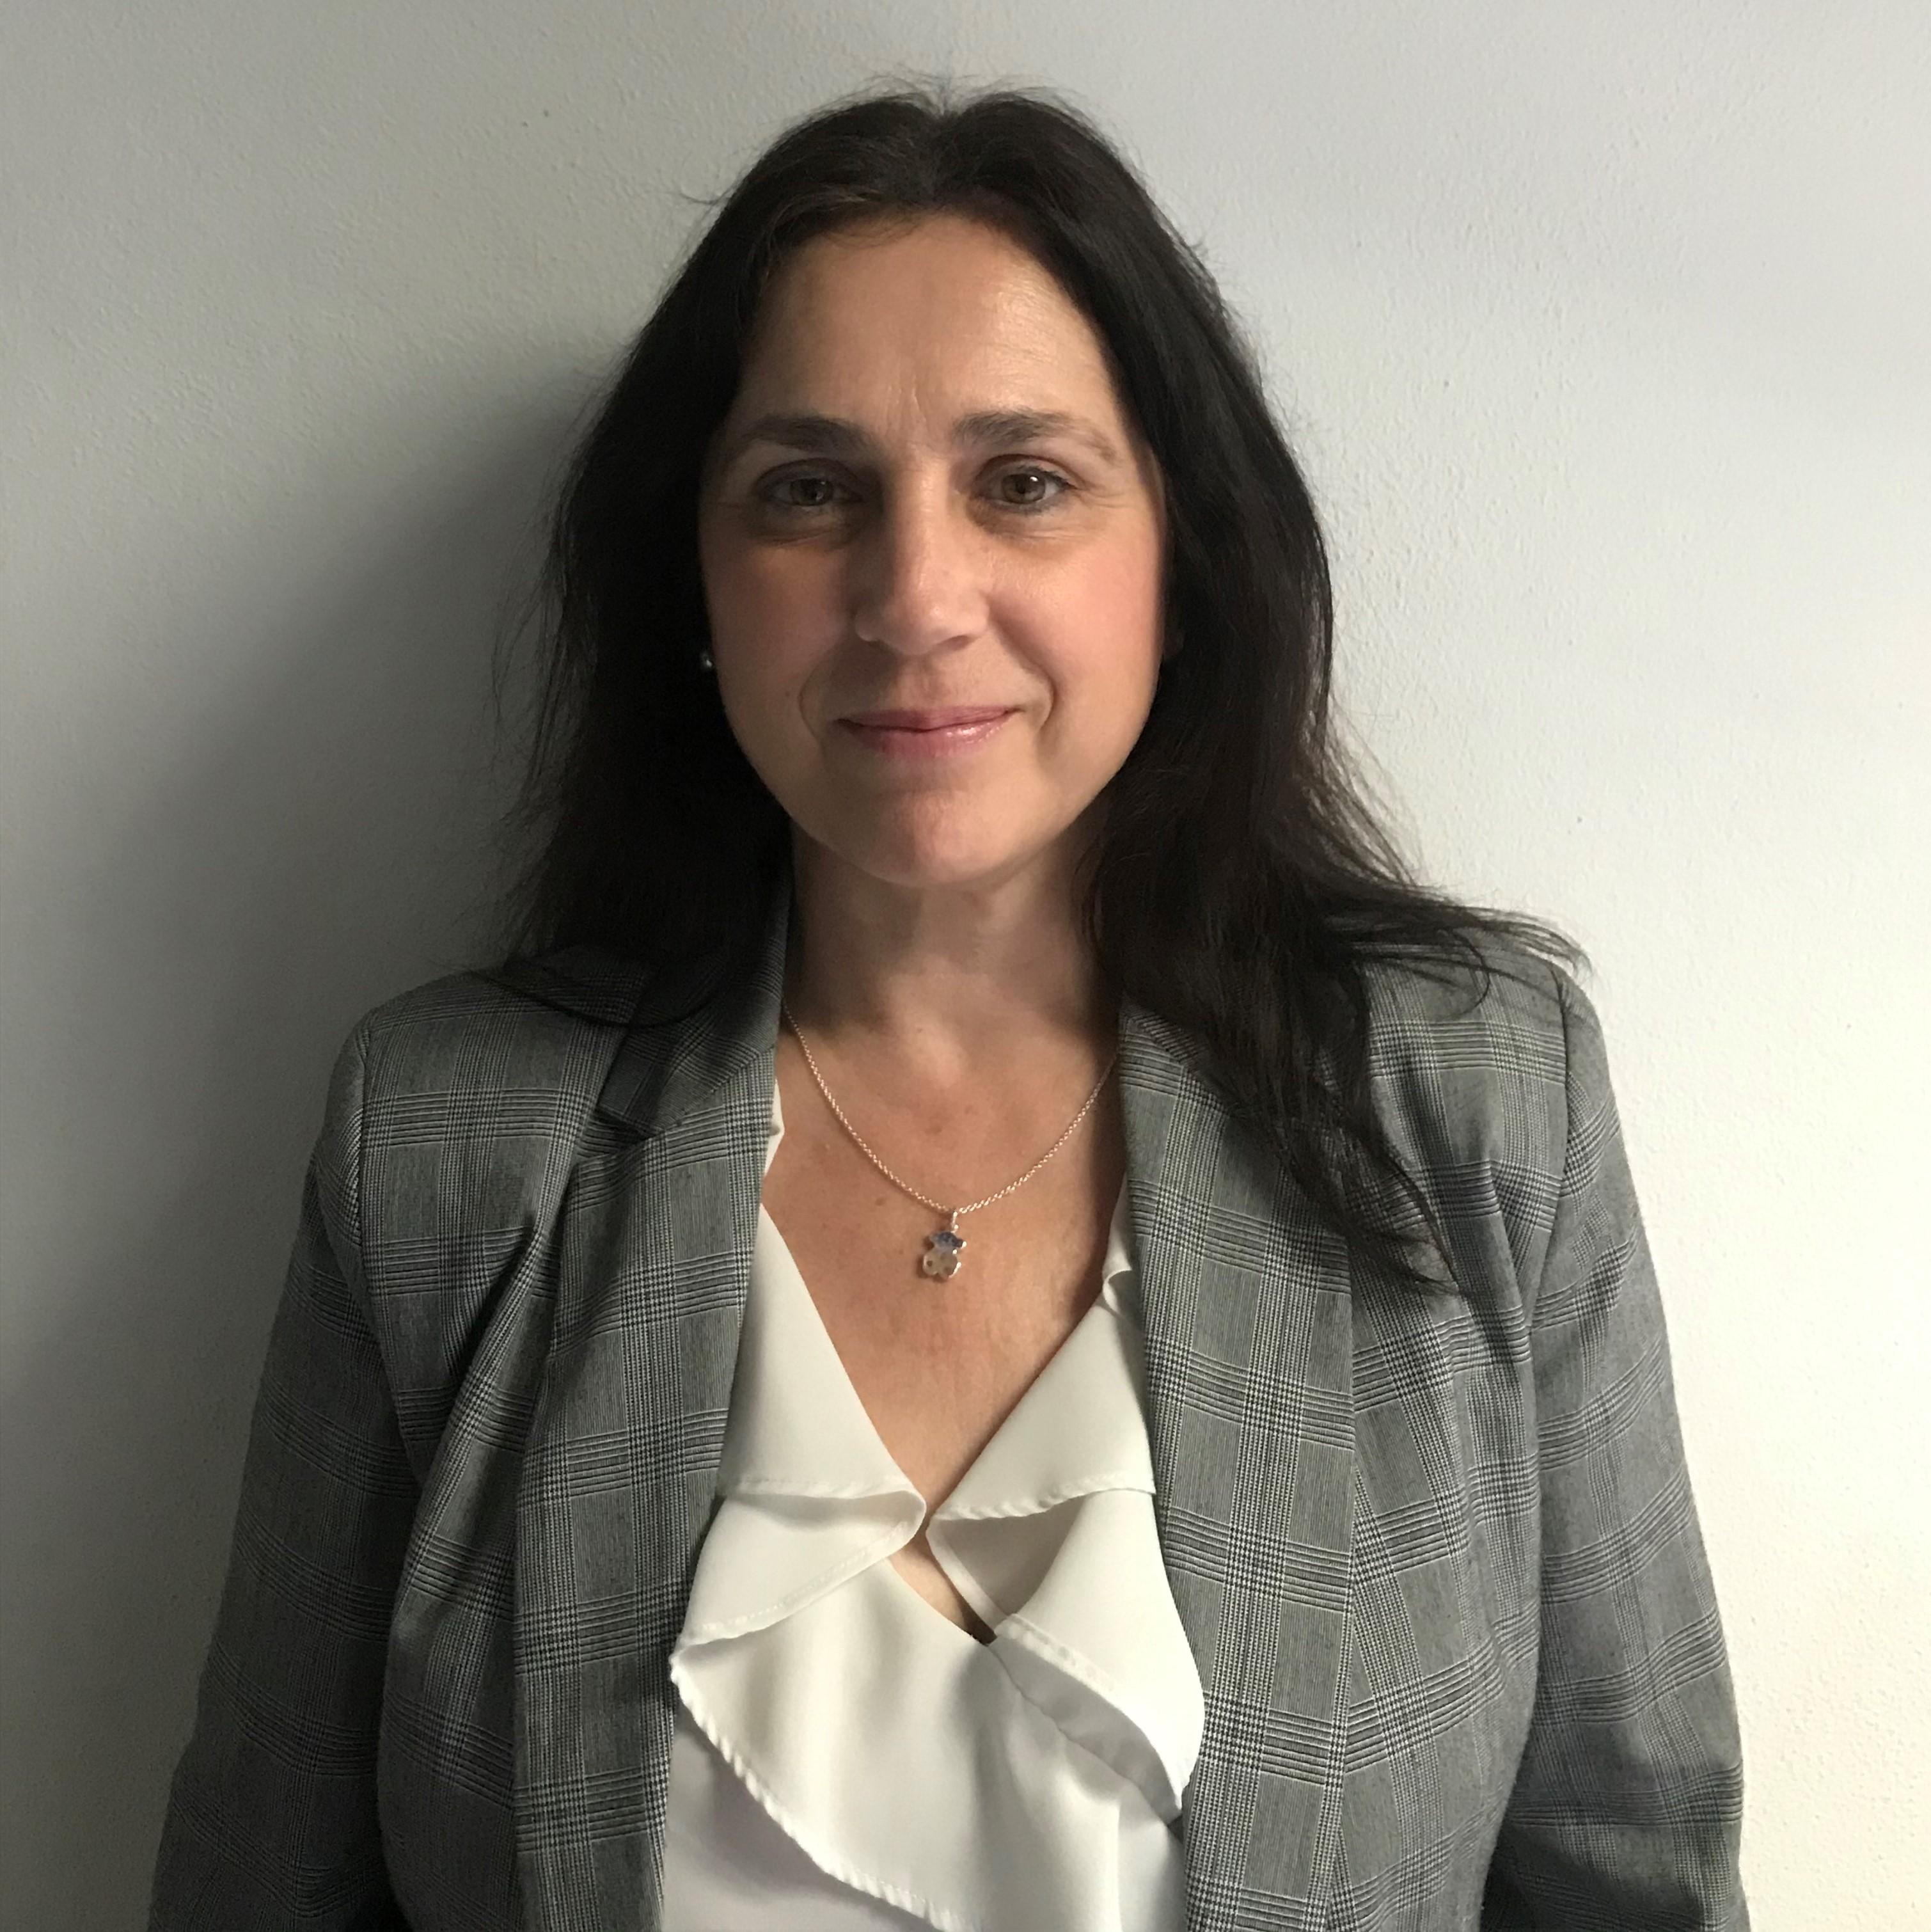 Fuensanta Gaitán Carrillo, Mejor Financial Trainee